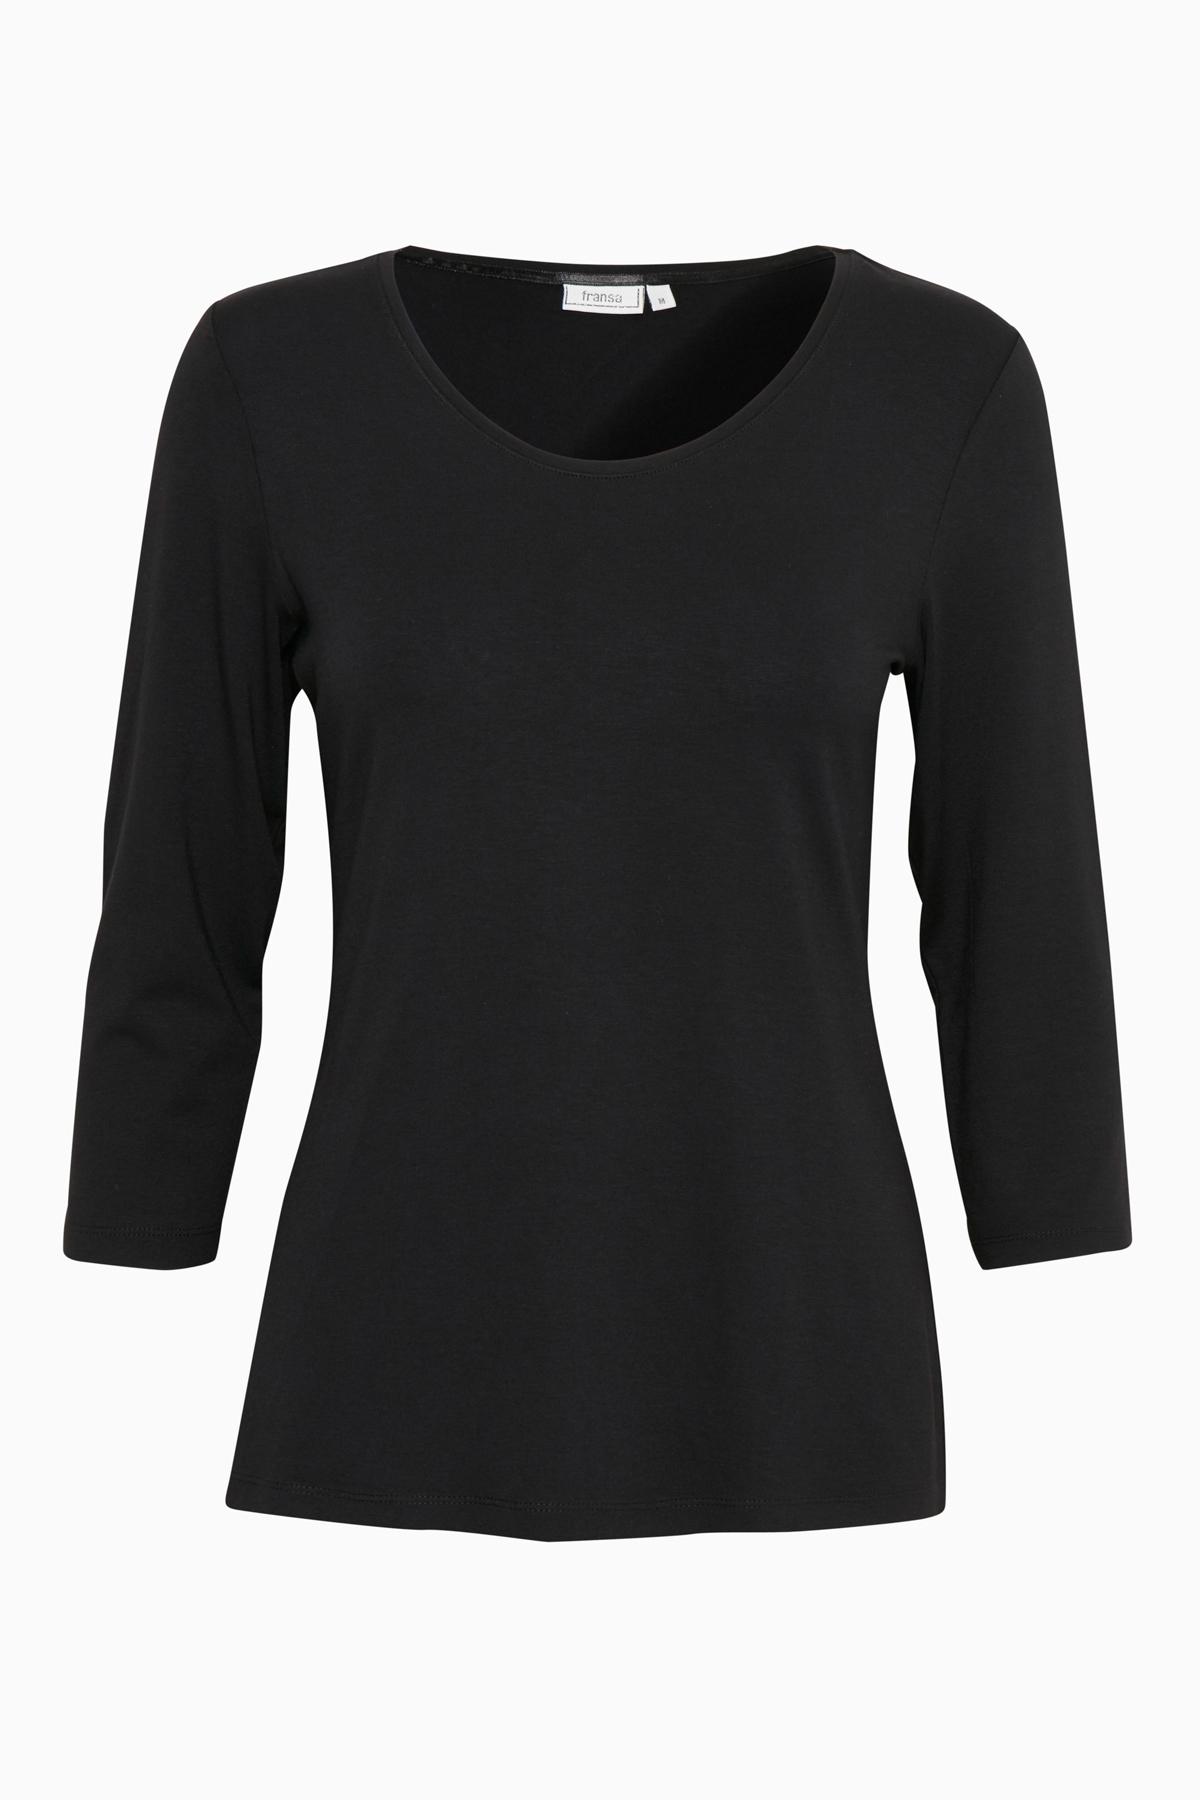 Svart T-shirt från Fransa – Köp Svart T-shirt från stl. XS-XXL här